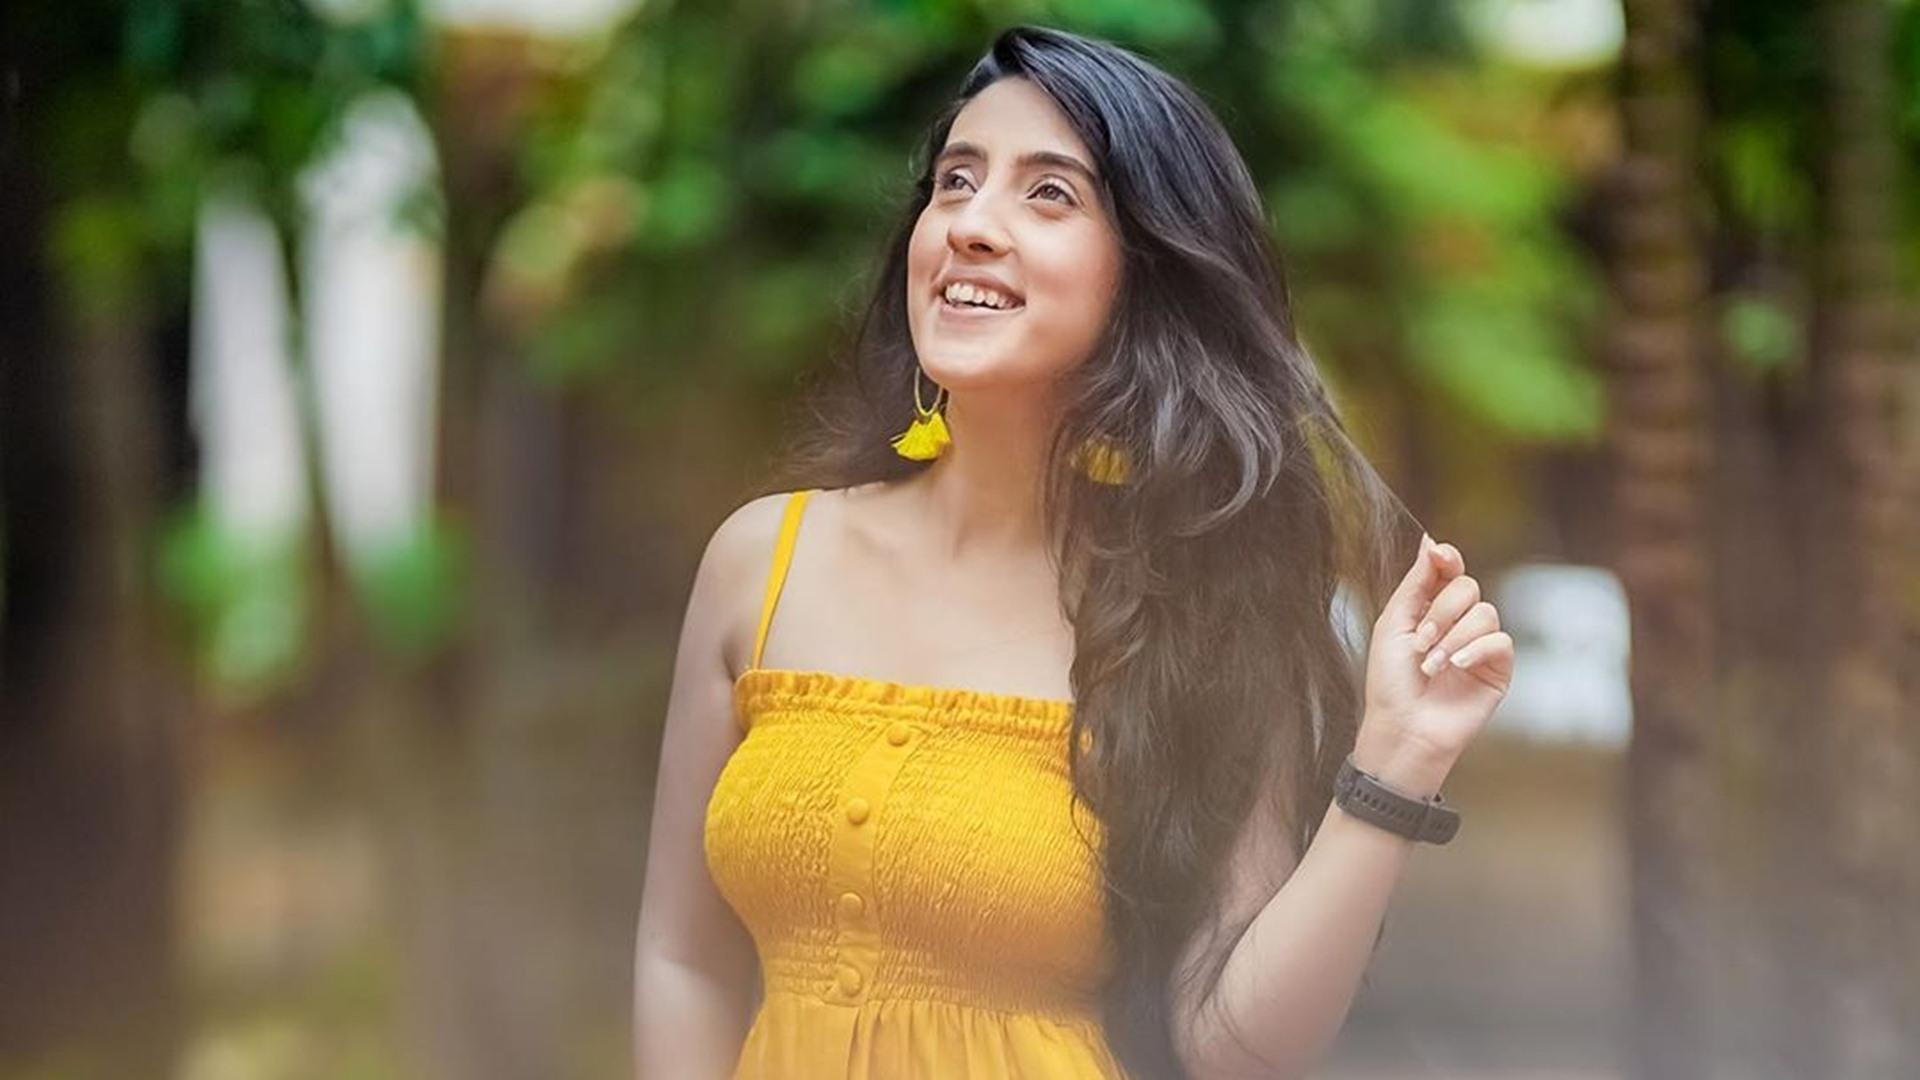 Sameeksha Sud Indian Television Actress and Model